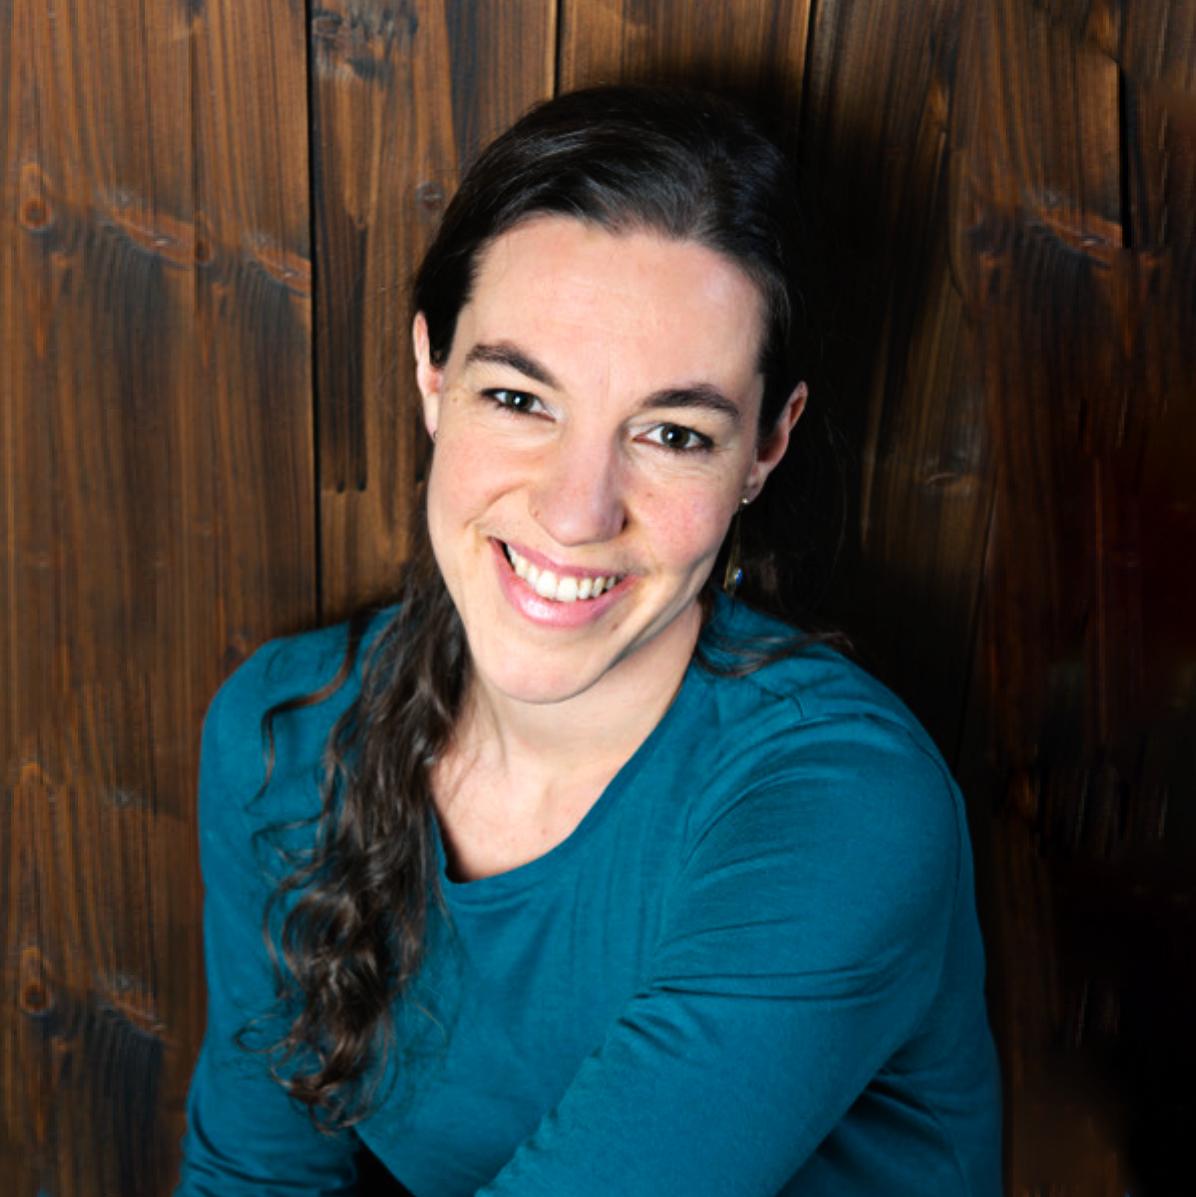 Prisca Würgler